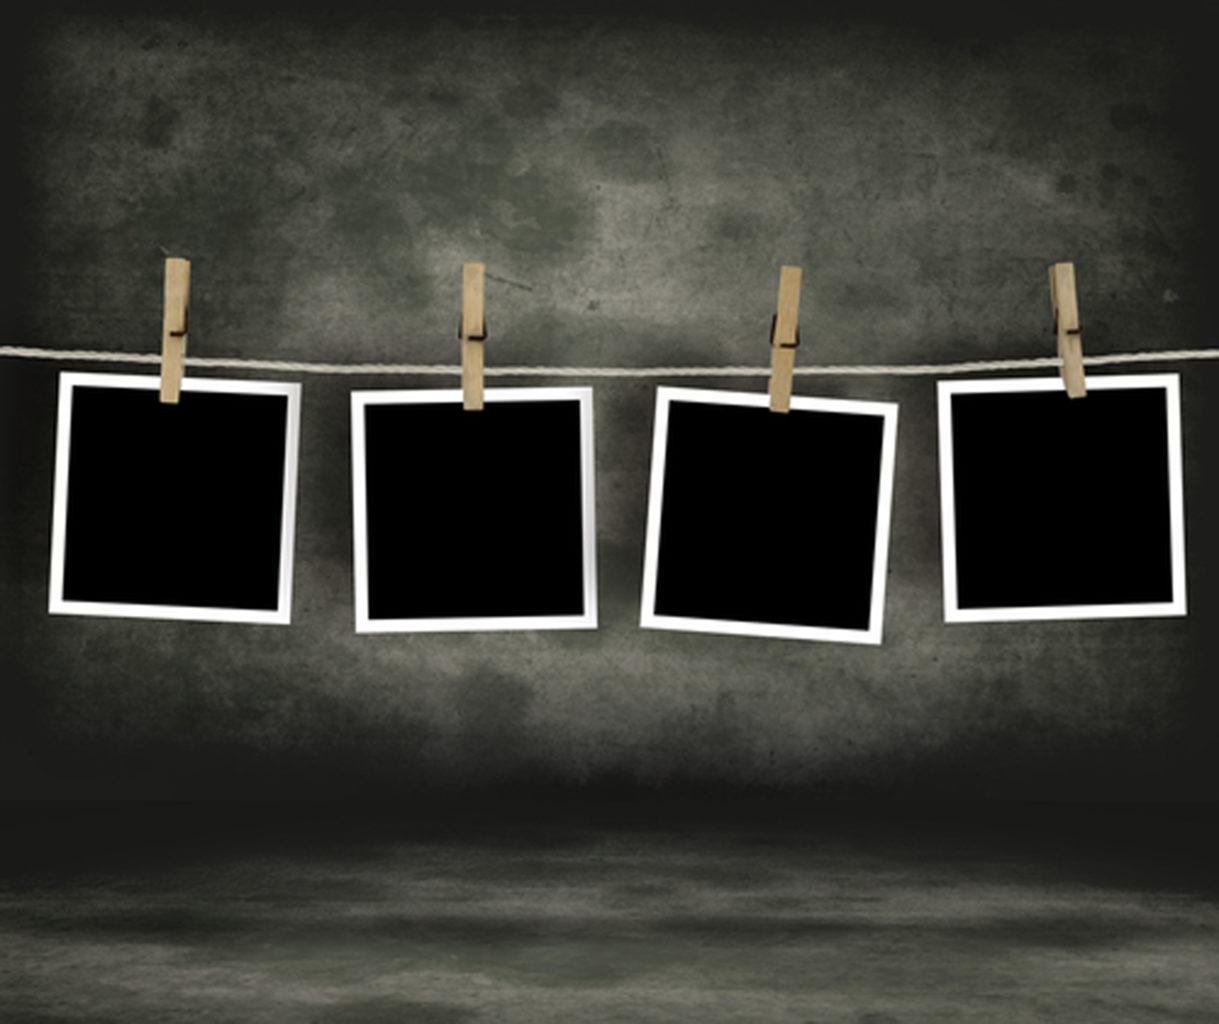 темы бесплатно картинки: